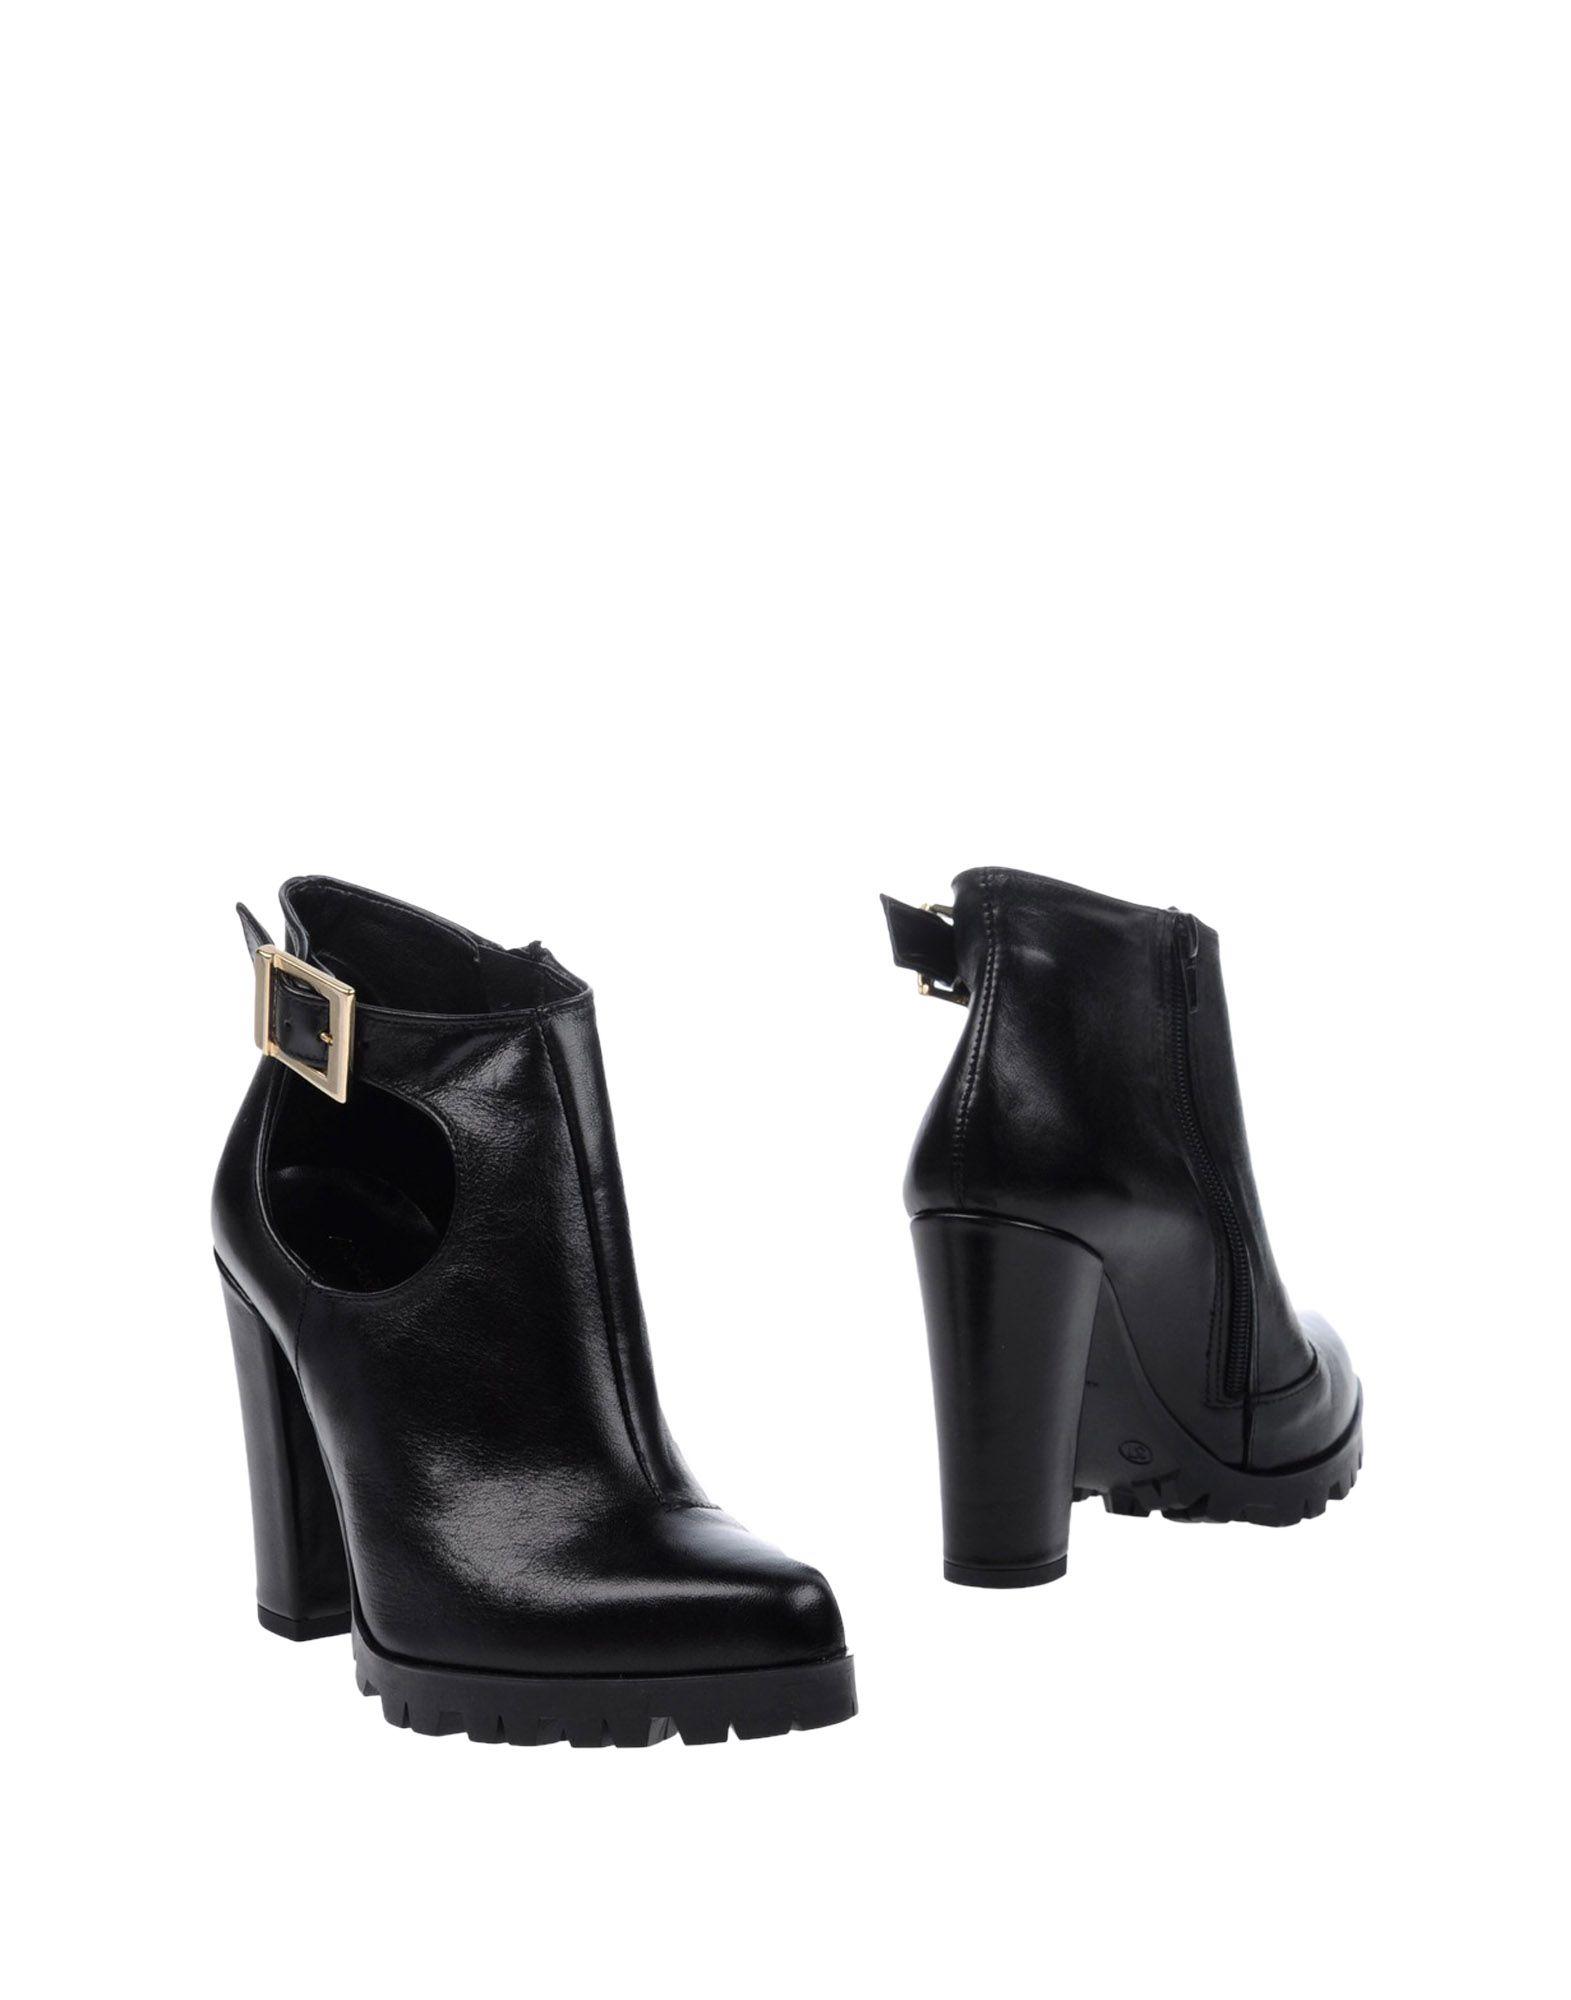 Gut um N. billige Schuhe zu tragenAnnarita N. um Stiefelette Damen  11235435QQ 77c168